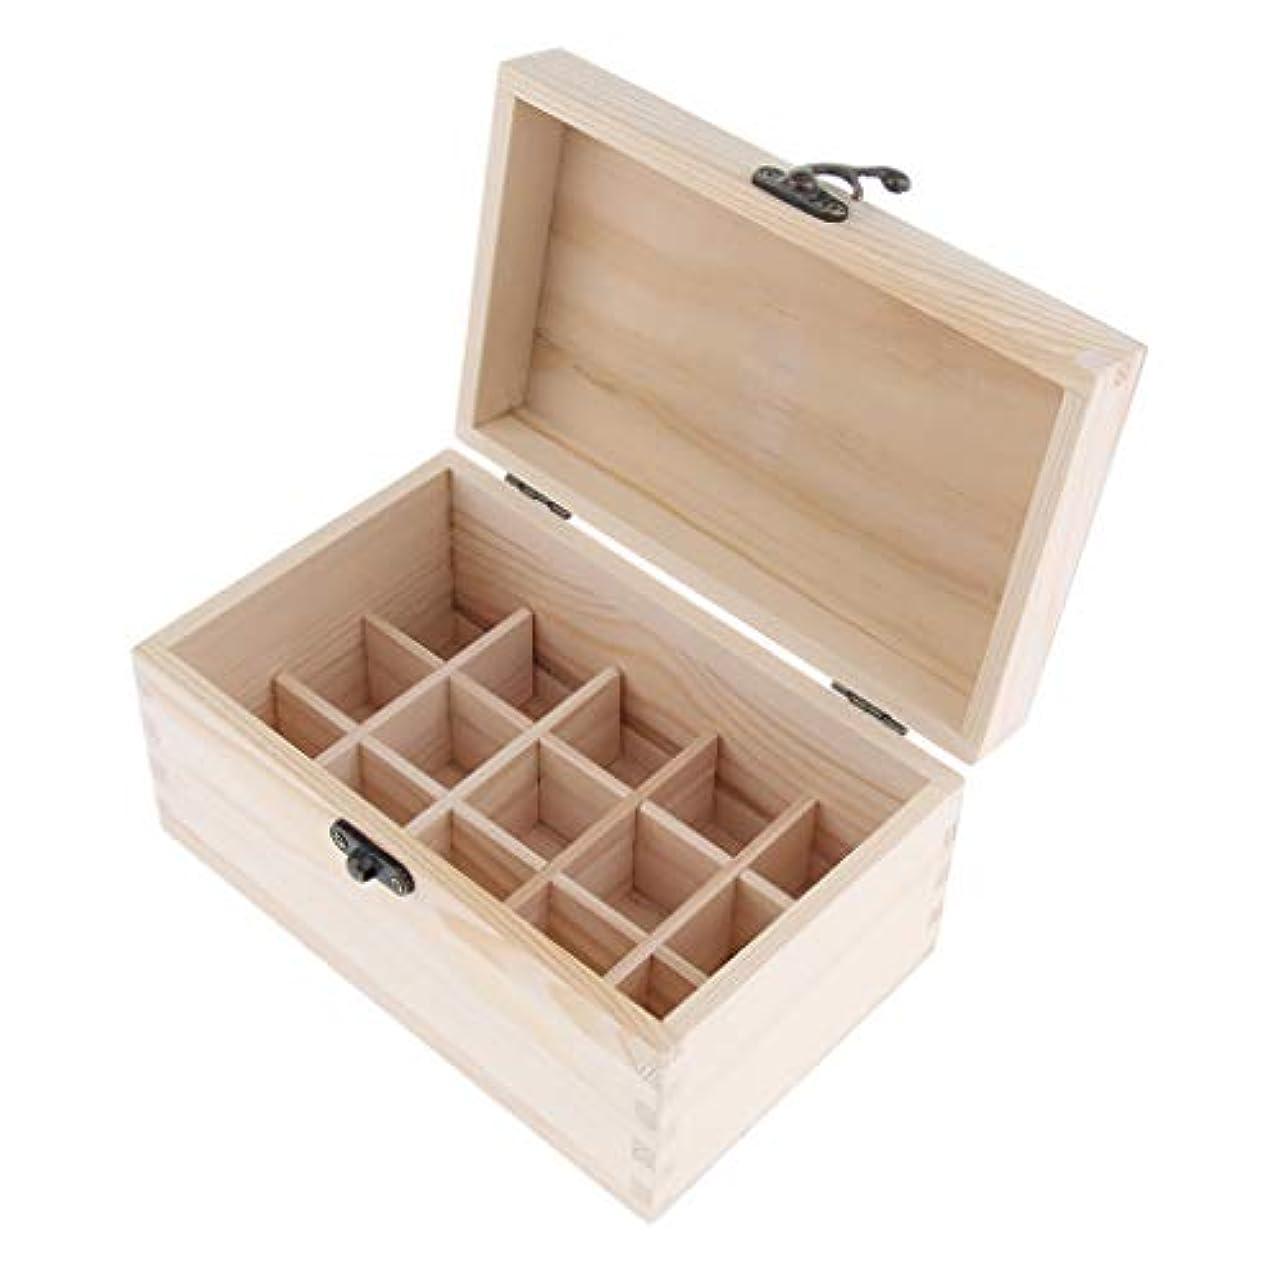 覗く比較外観chiwanji 精油ケース 化粧品収納ボックス 15仕切り 木製 エッセンシャルオイル コンパクト 携帯便利 実用性